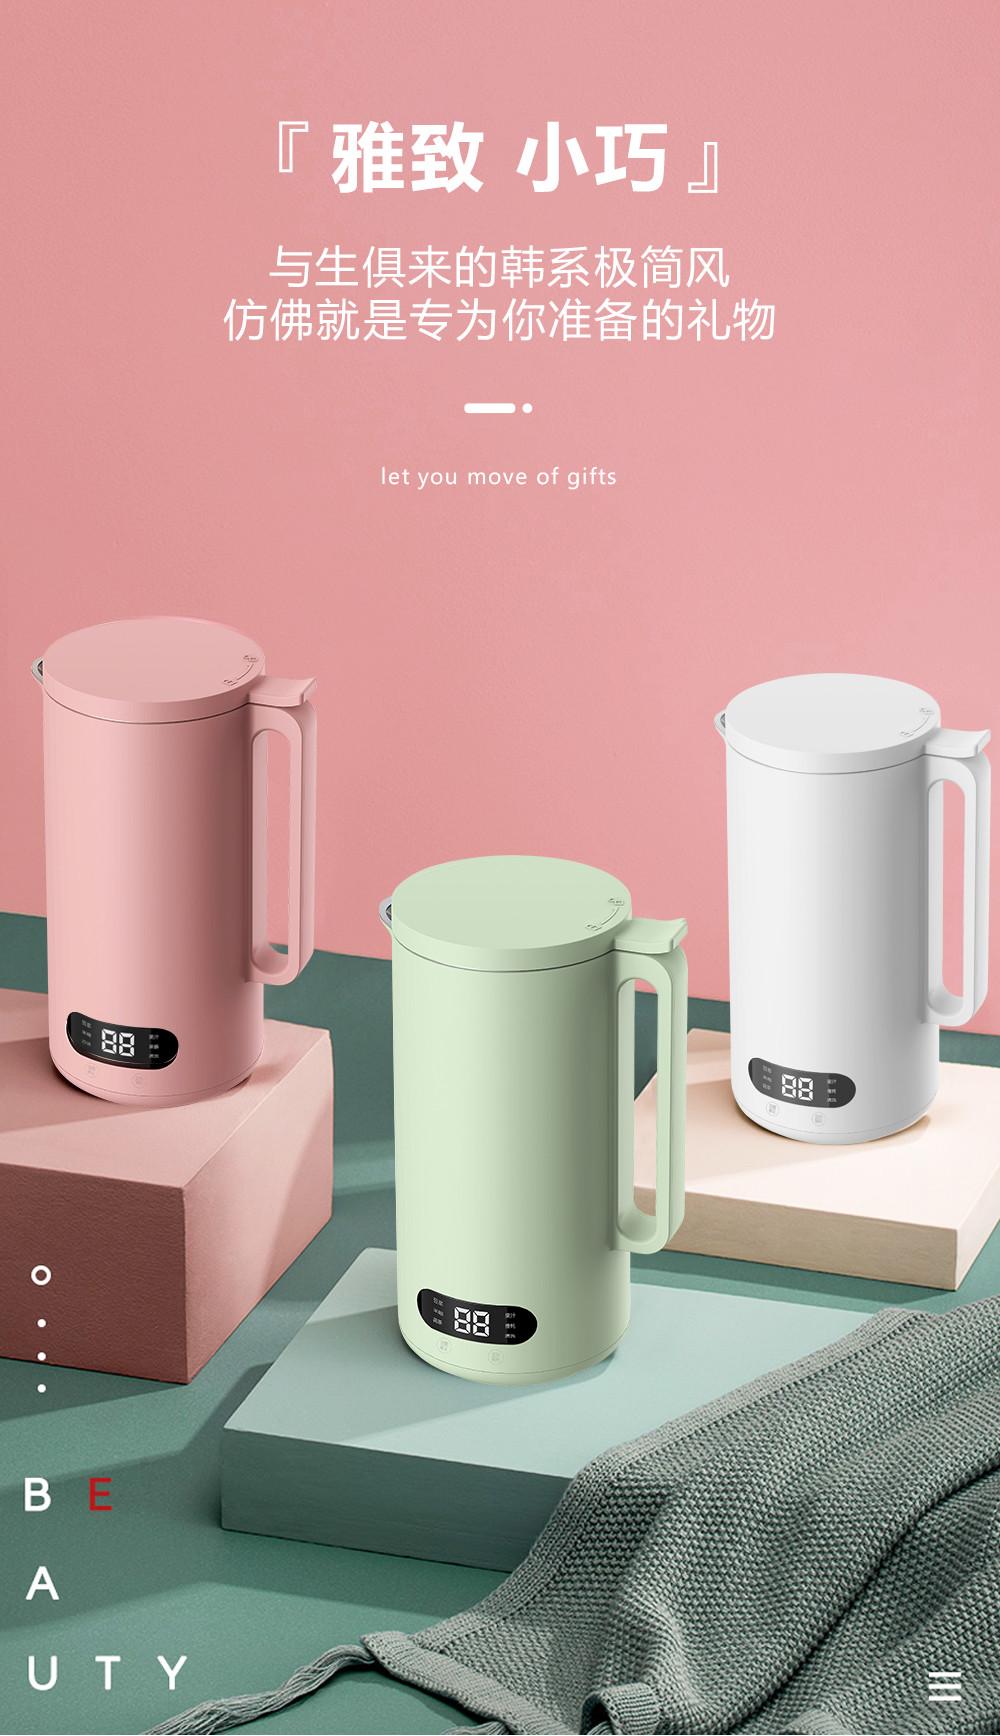 最新25分鐘全自動、高效多功能豆漿機+料理機+榨汁機 外型美觀 操作簡便